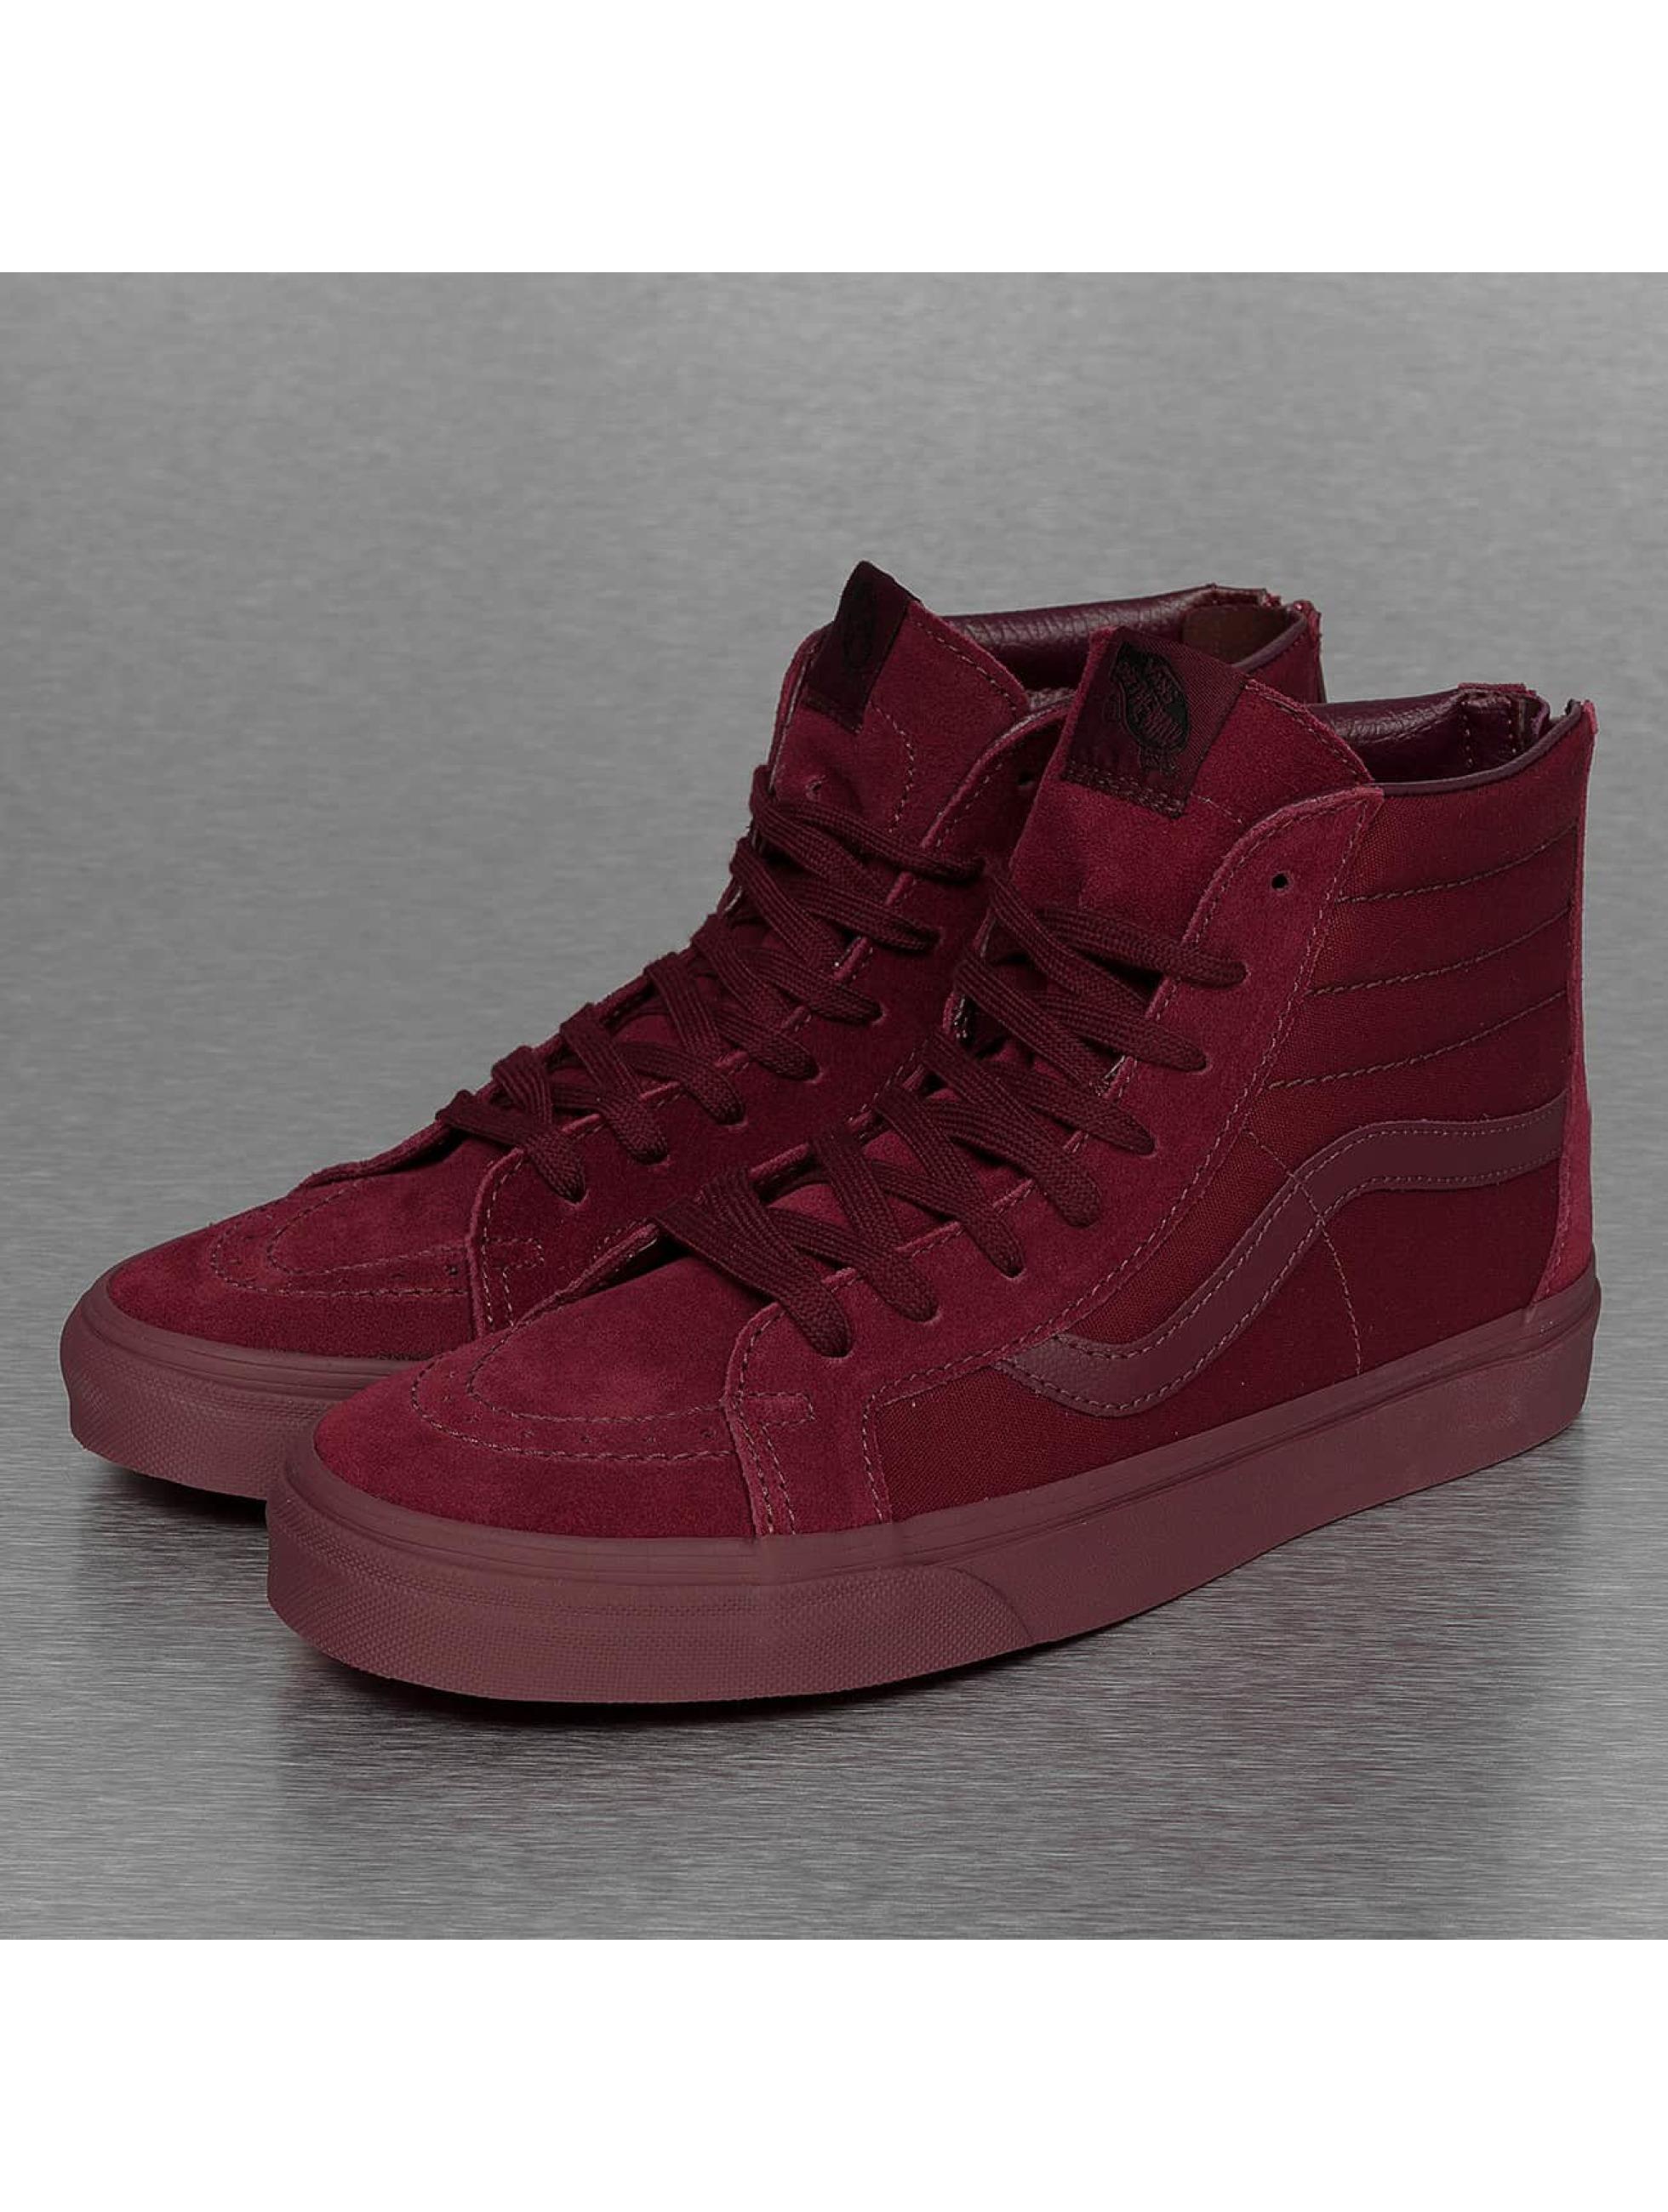 Vans schoen / sneaker SK8-Hi Reissue Zip in rood